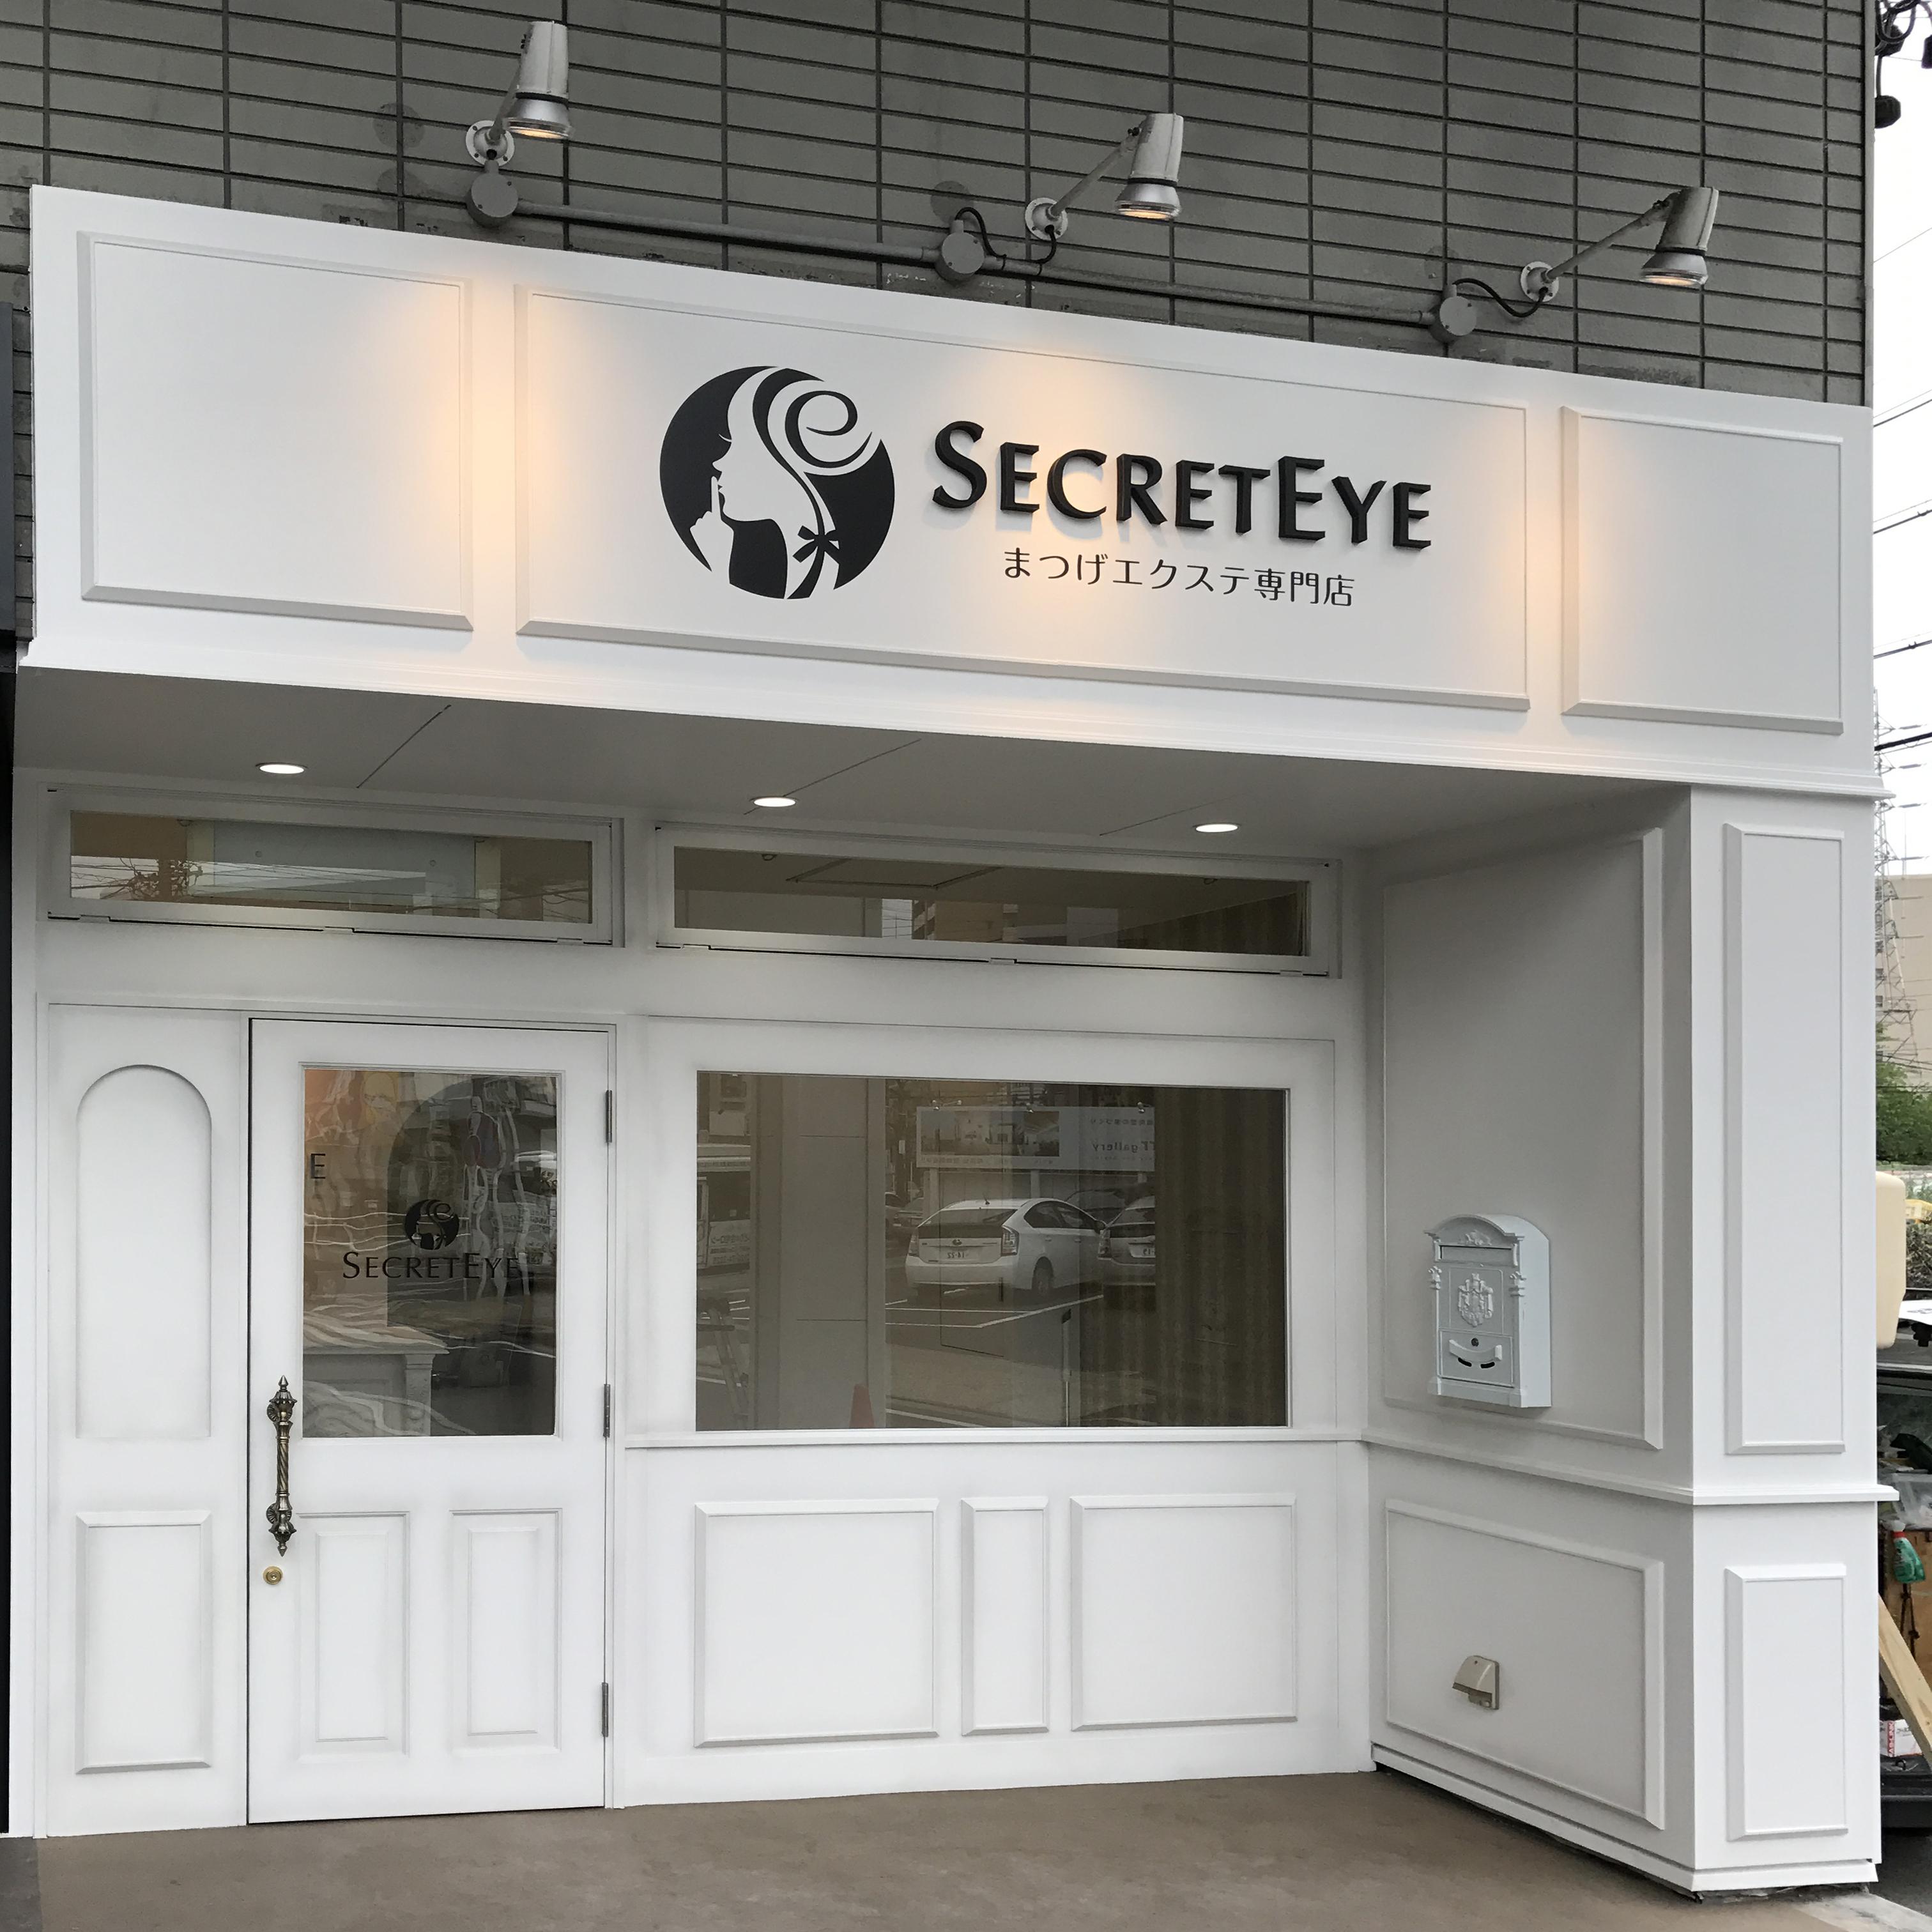 SecretEye side